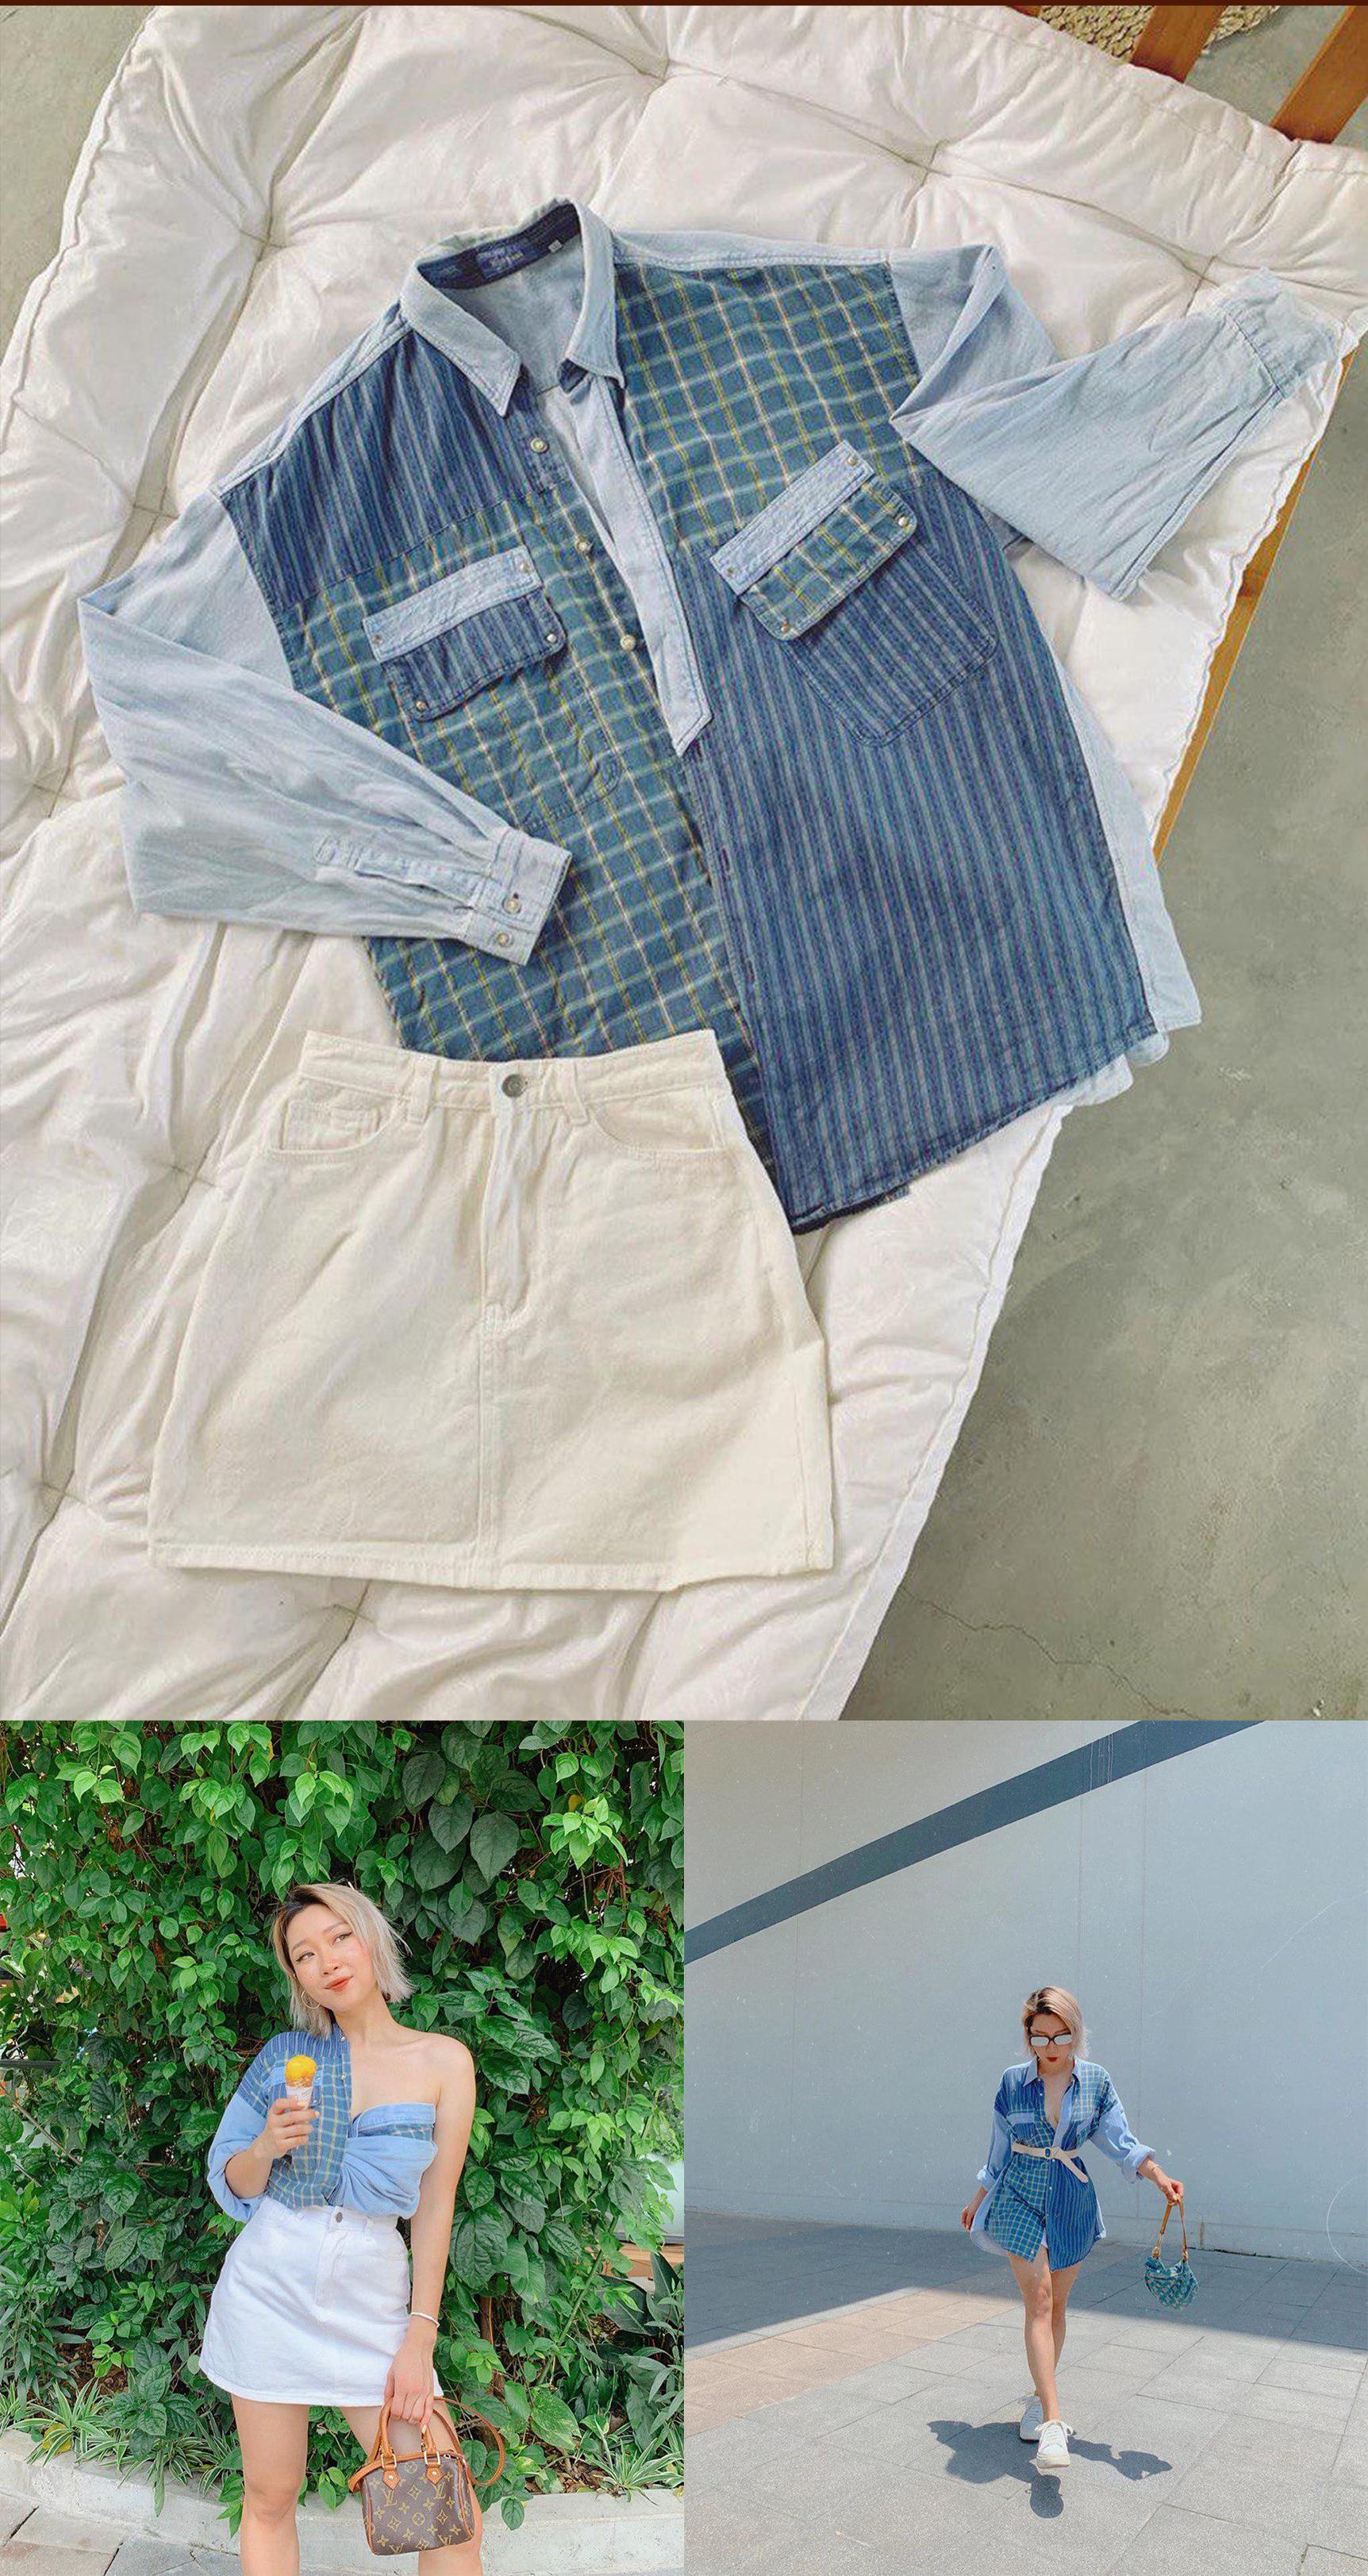 tái sử dụng quần áo cũ - photo 4 1560331358588608451389 - Sao Việt lẫn dàn KOLs nổi tiếng vẫn chăm chỉ tái chế quần áo cũ dù dư tiền mua đồ mới